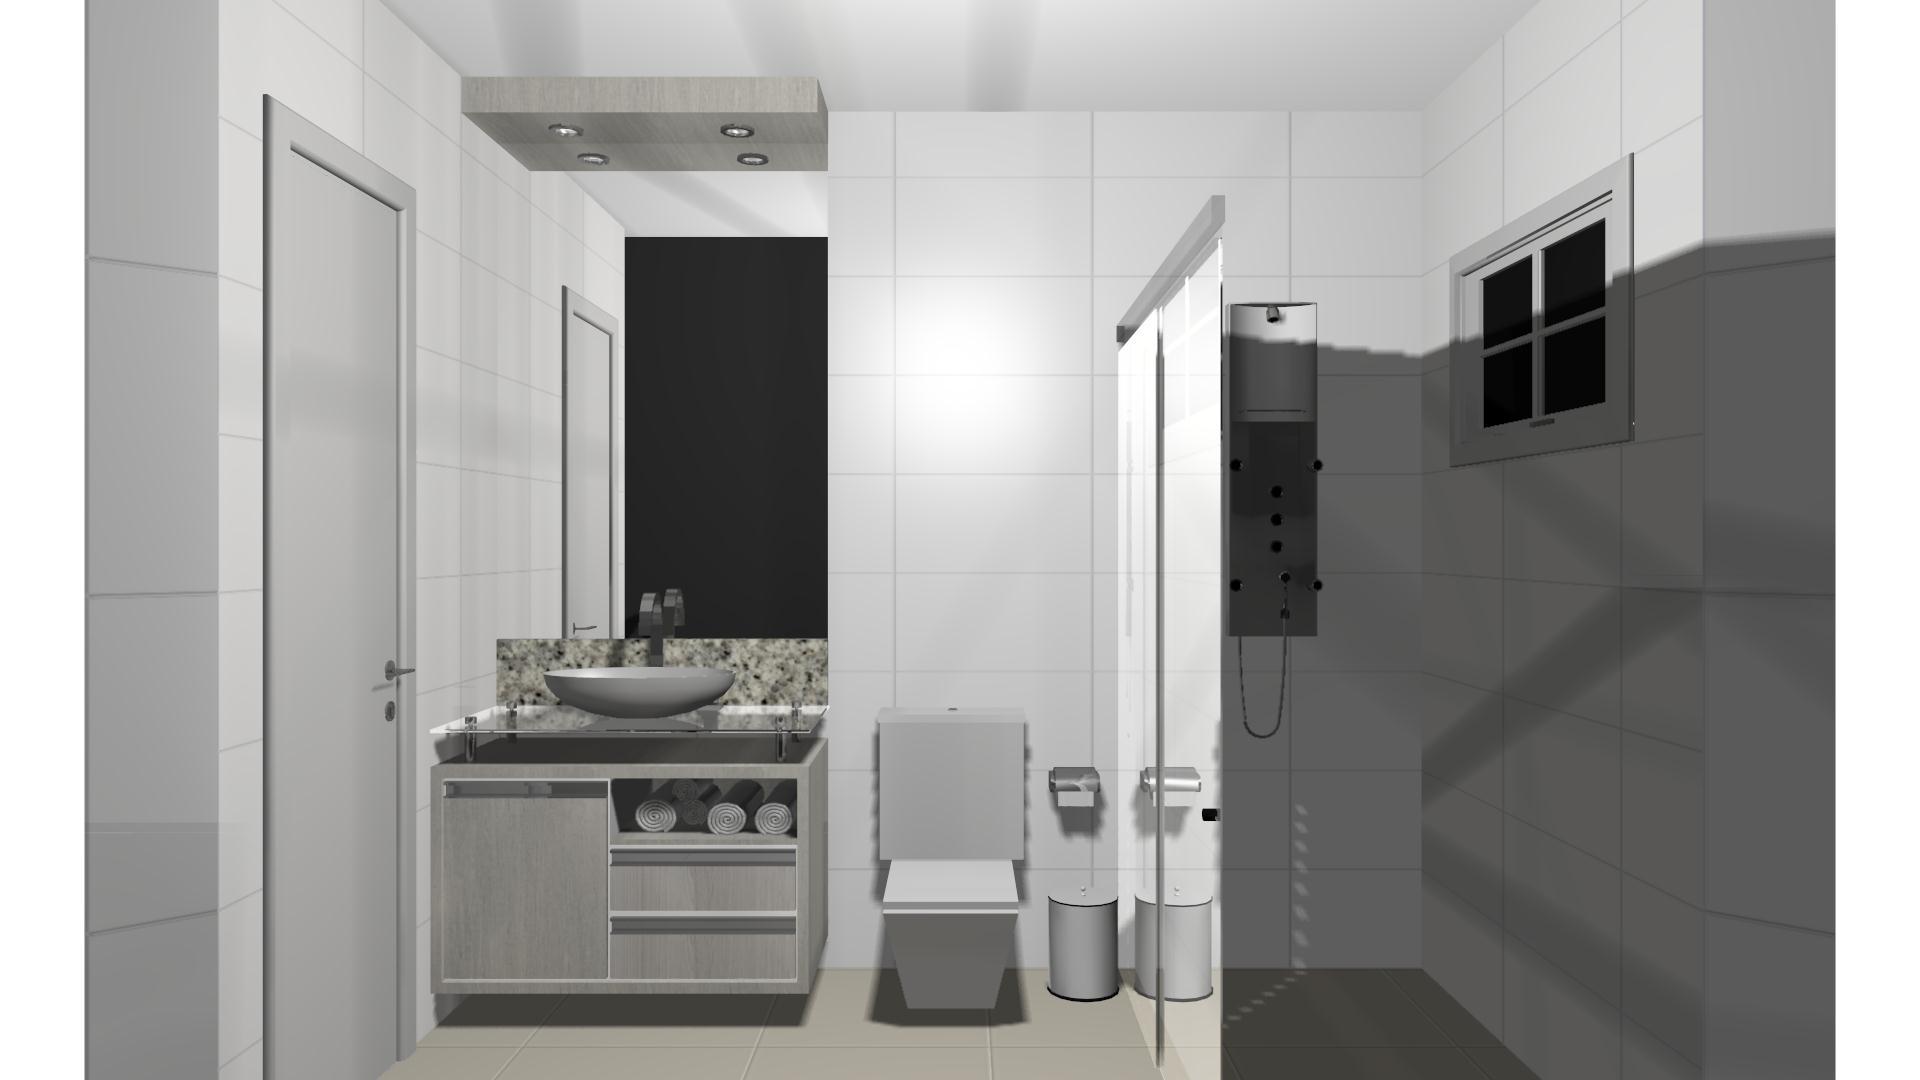 Projeto – Banheiro Sul Móveis São Miguel do Iguaçu PR  #6E695D 1920 1080